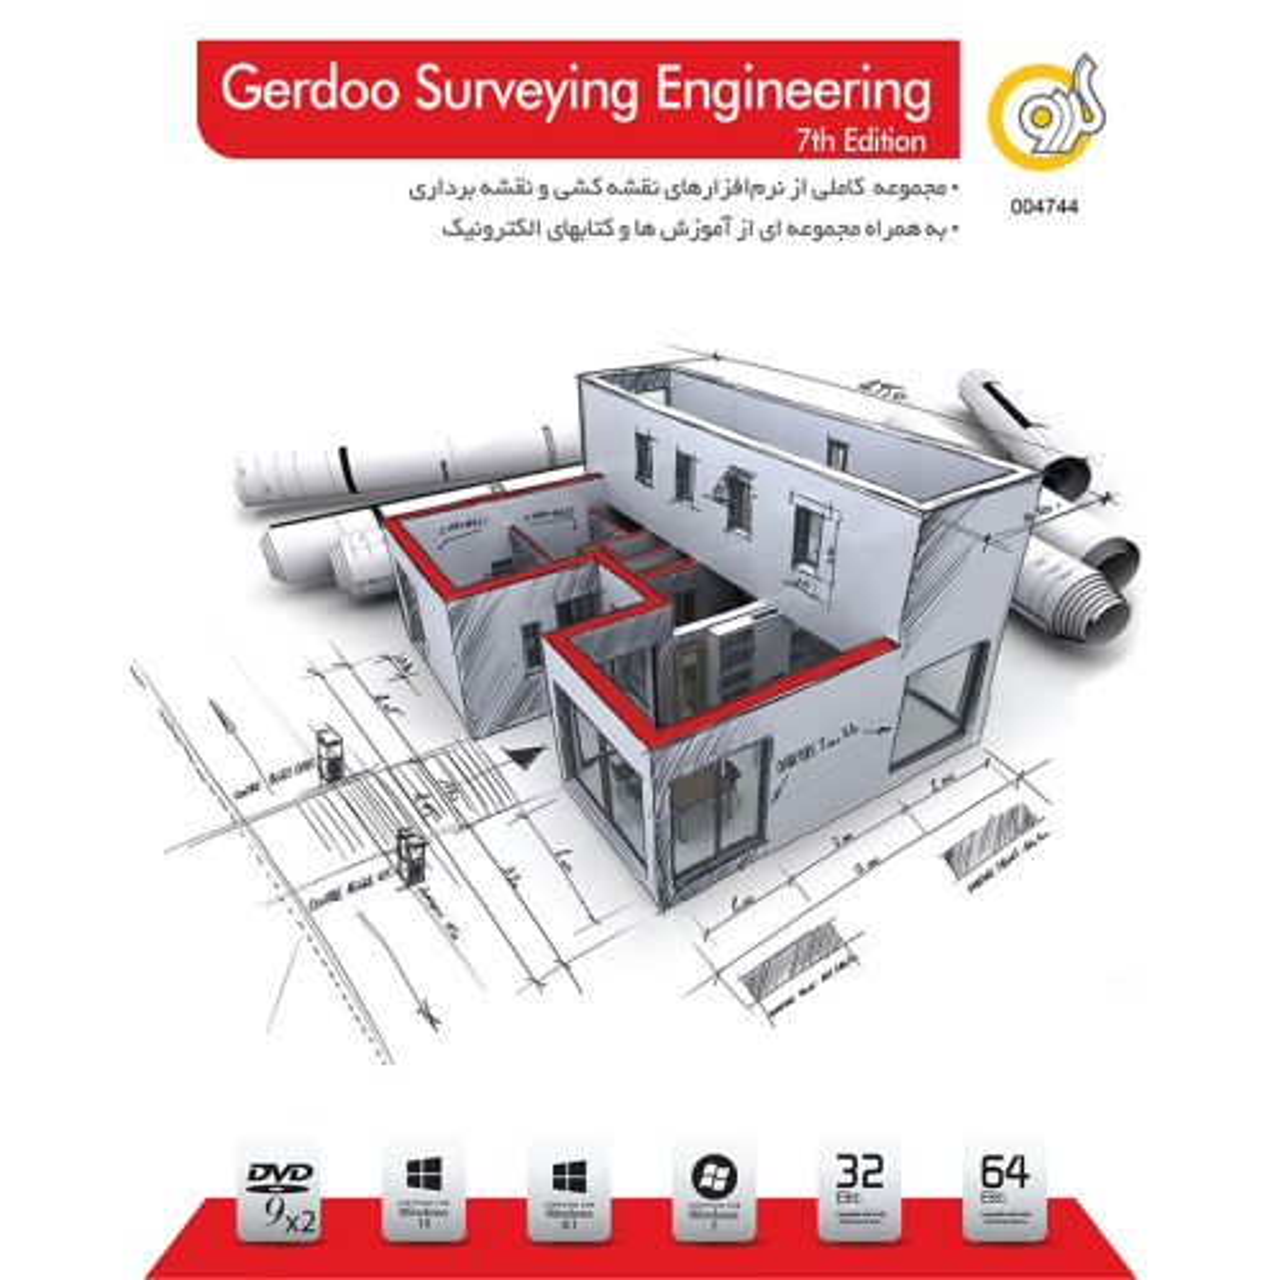 نرم افزار گردو Surveying Engineering 7th Edition